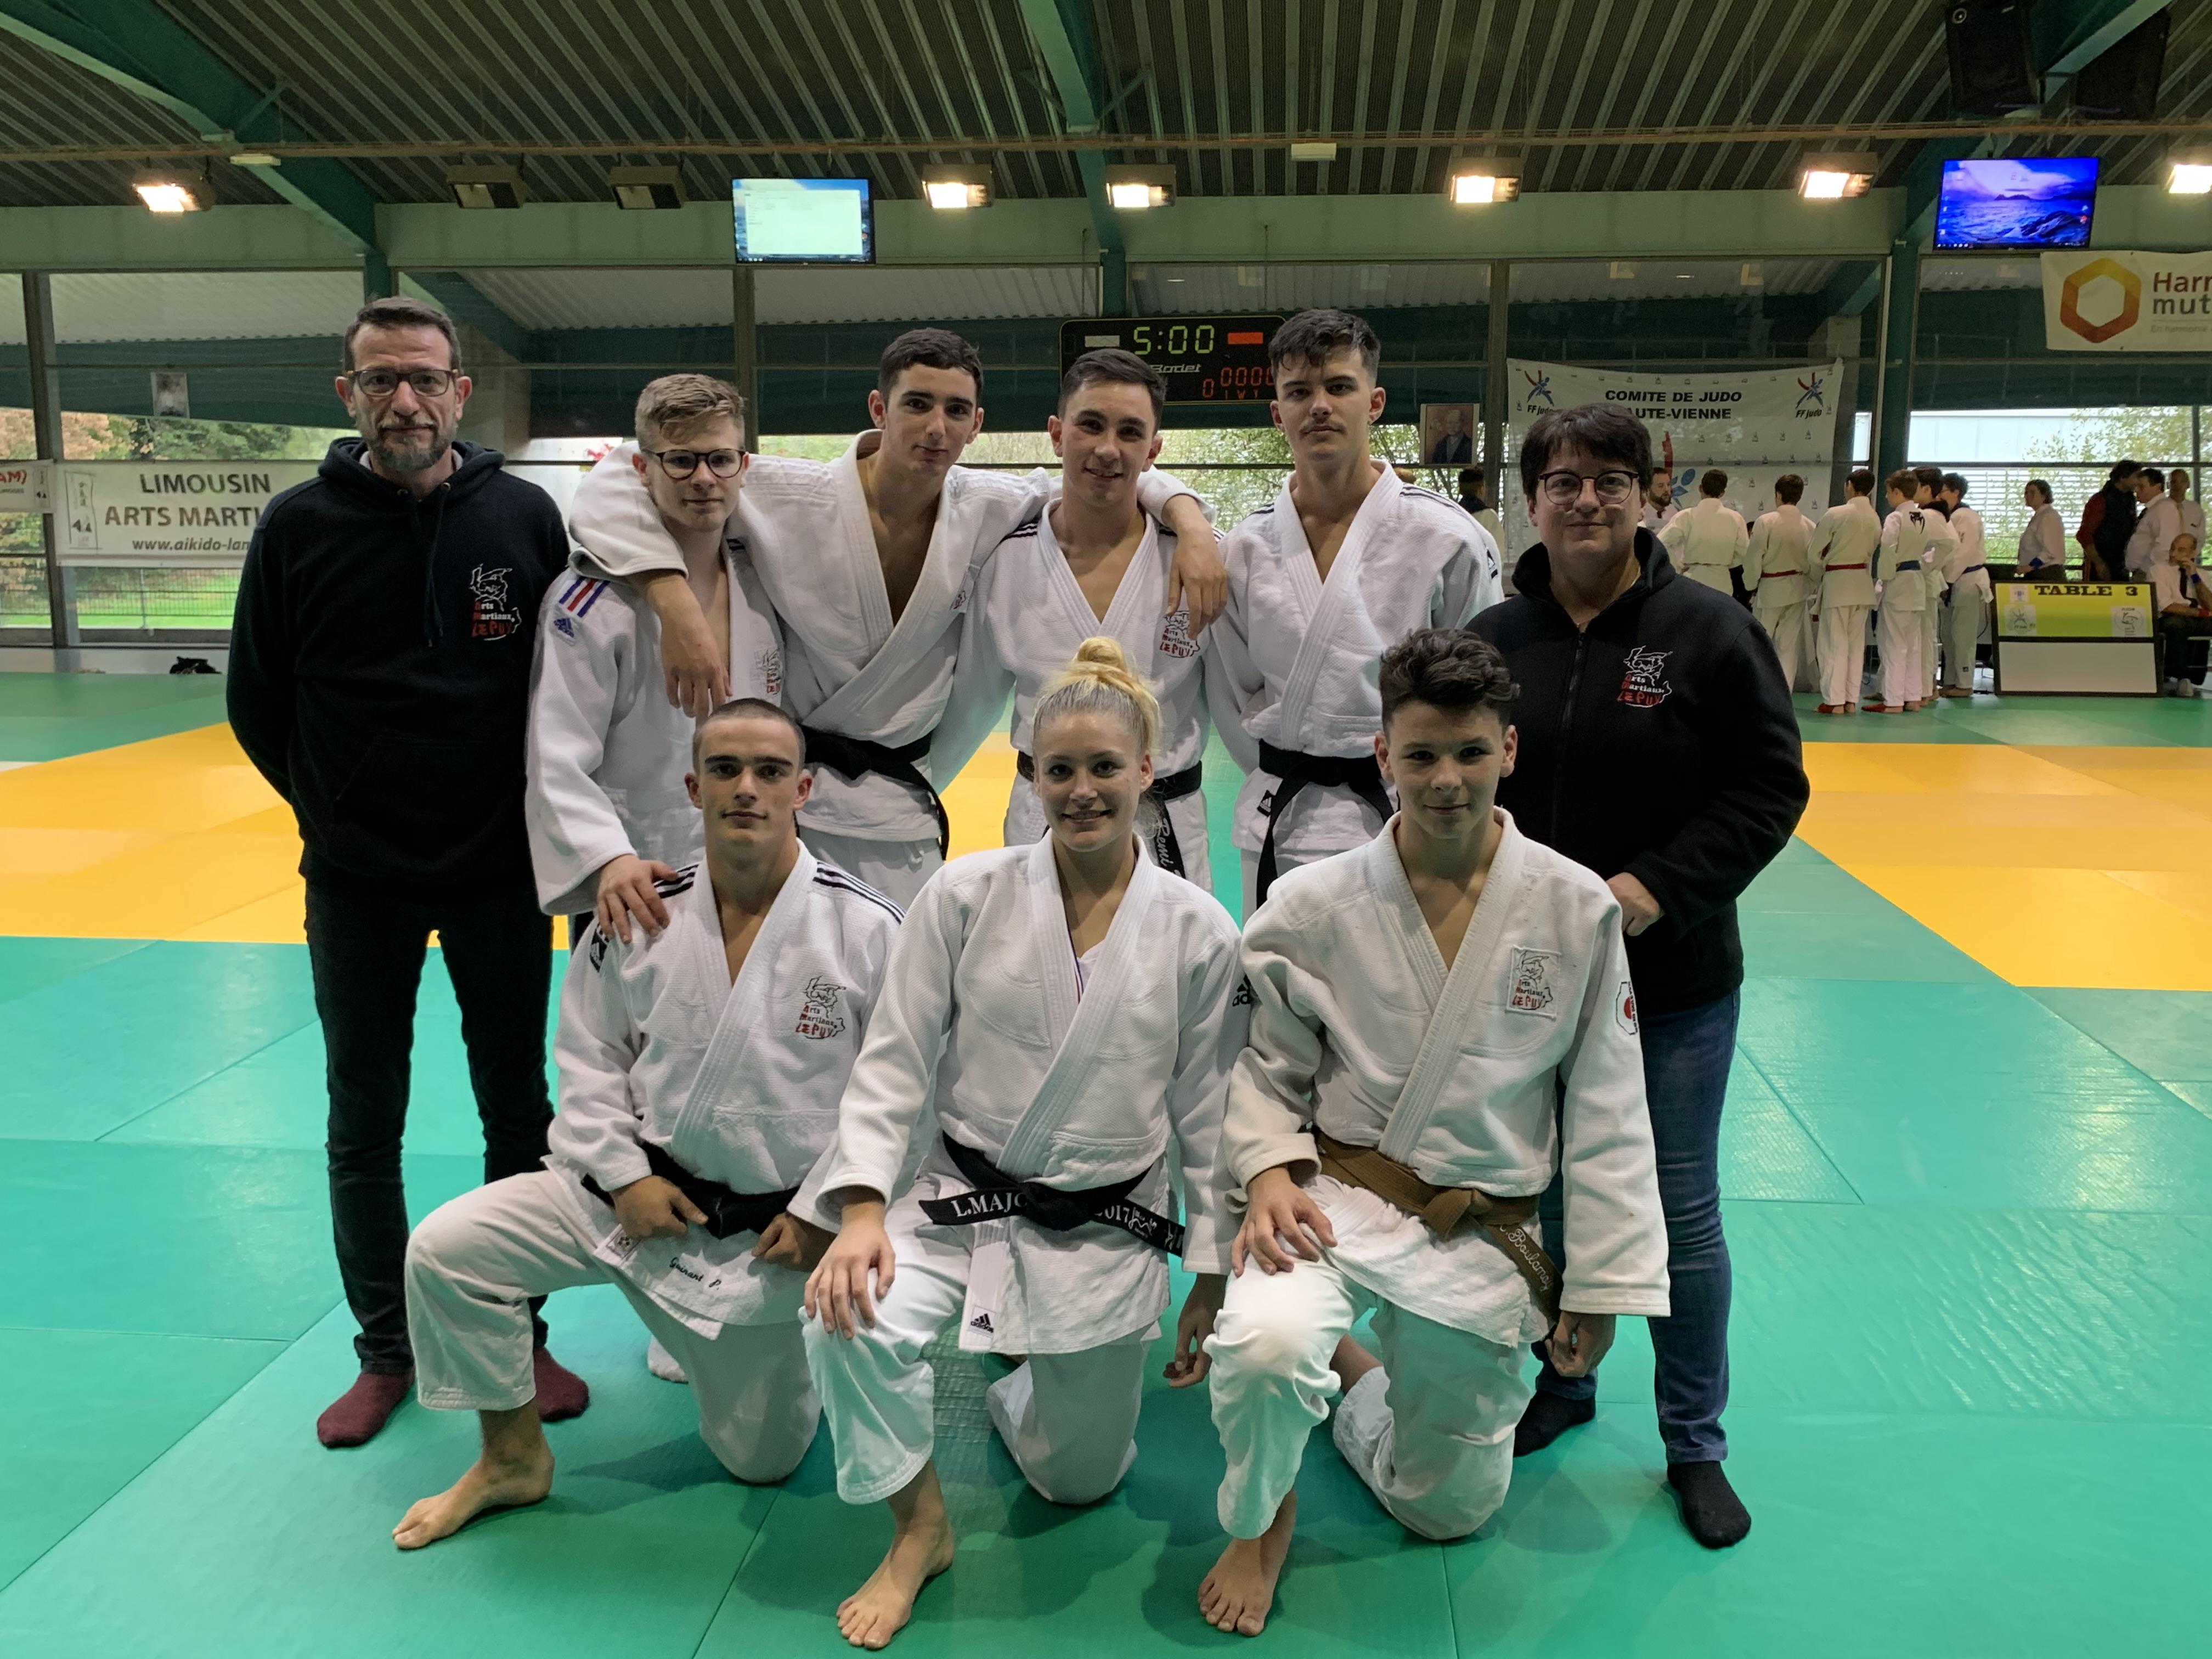 Nouvelles performances pour les jujitsukas